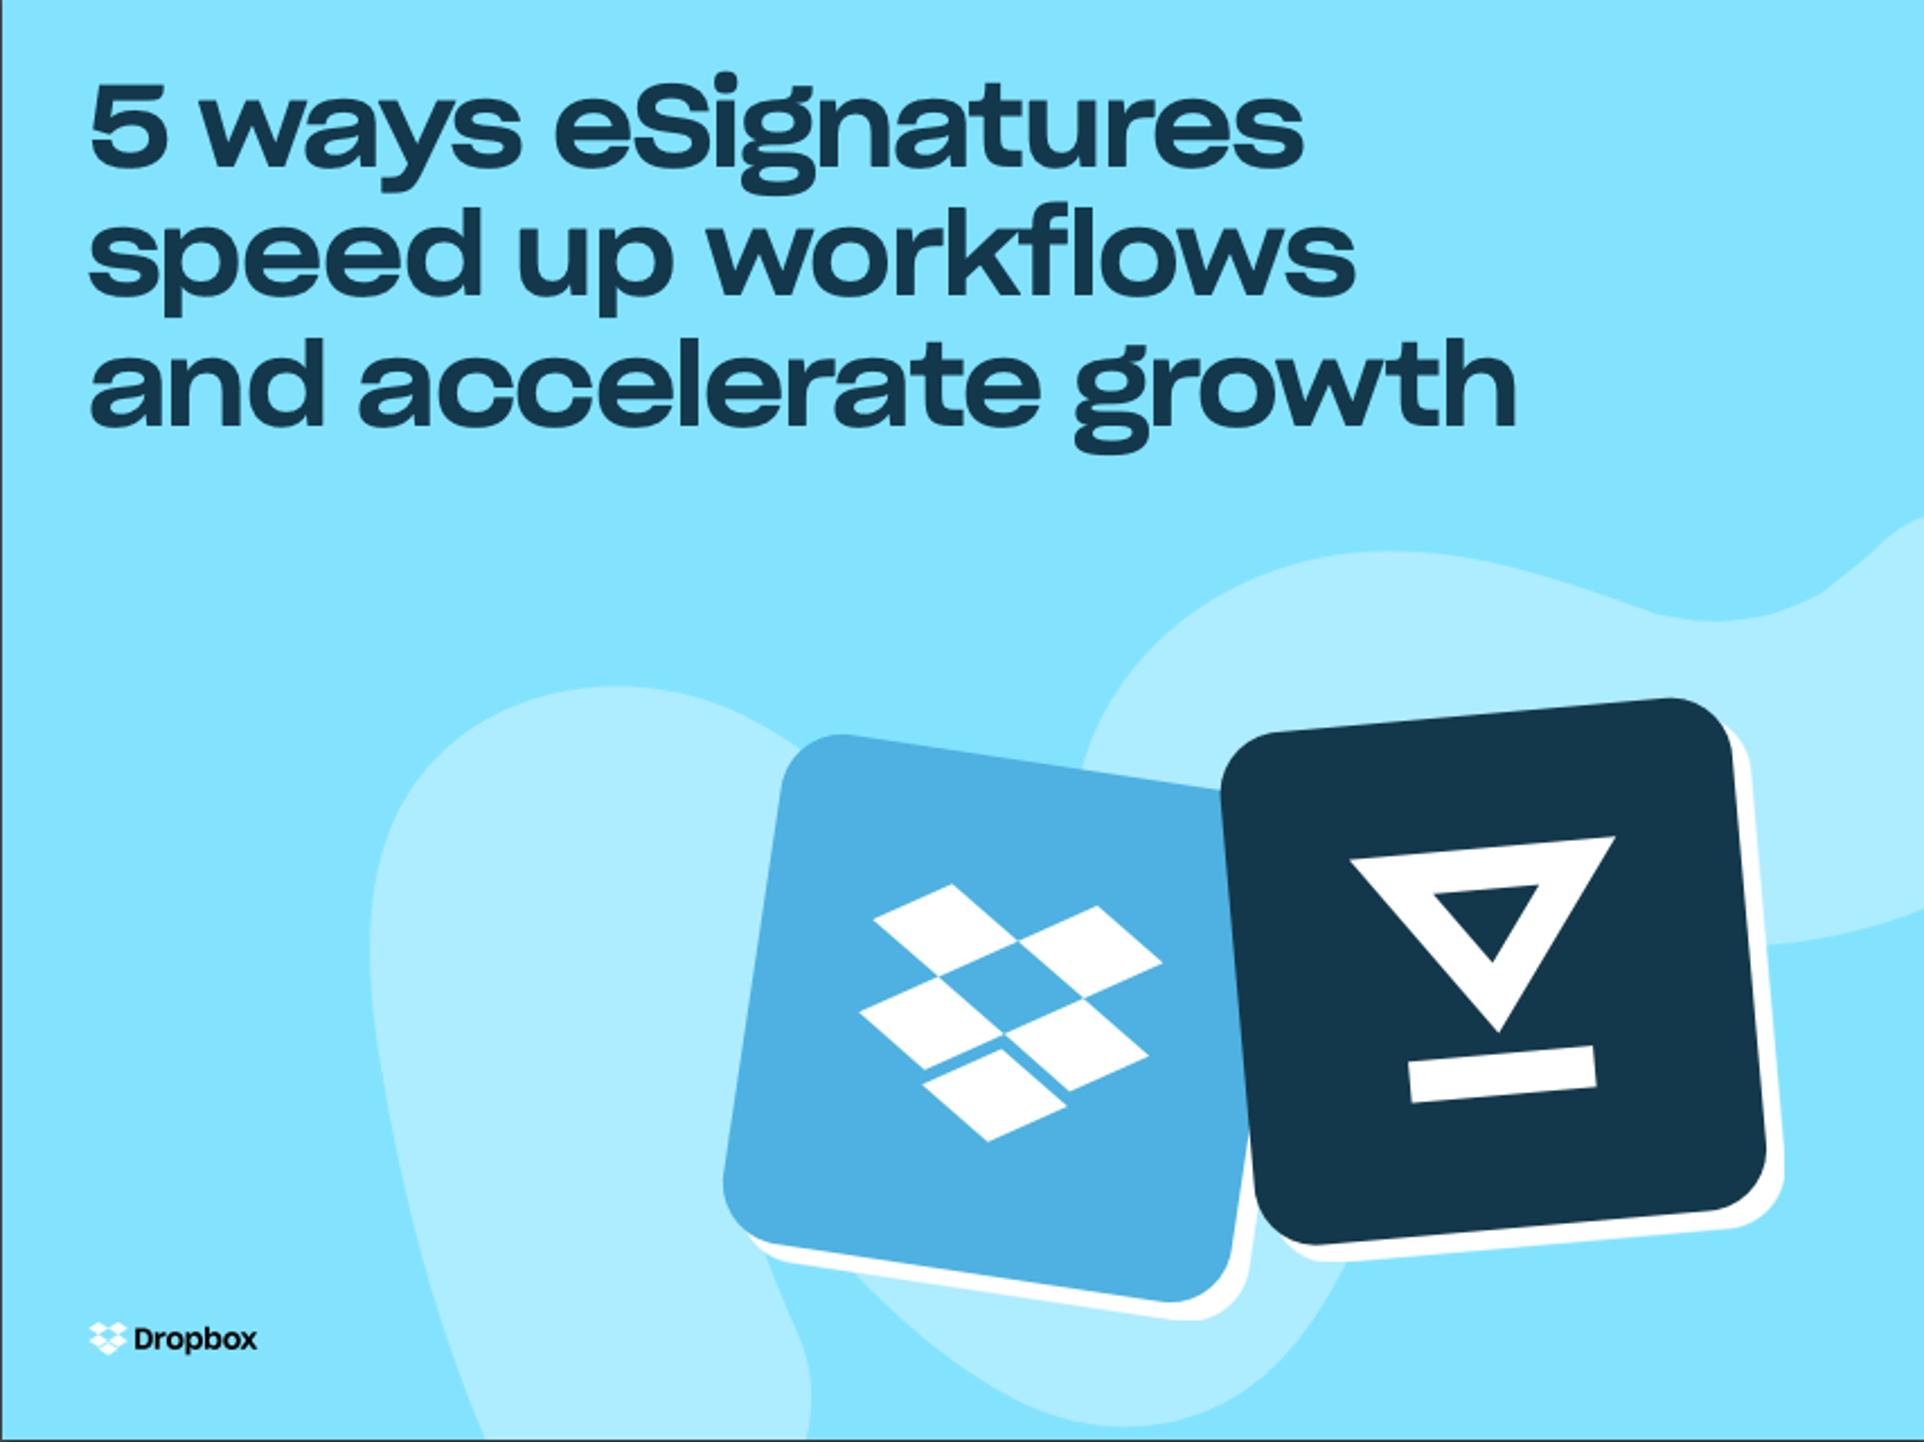 電子署名で成長を加速する 5 つの方法